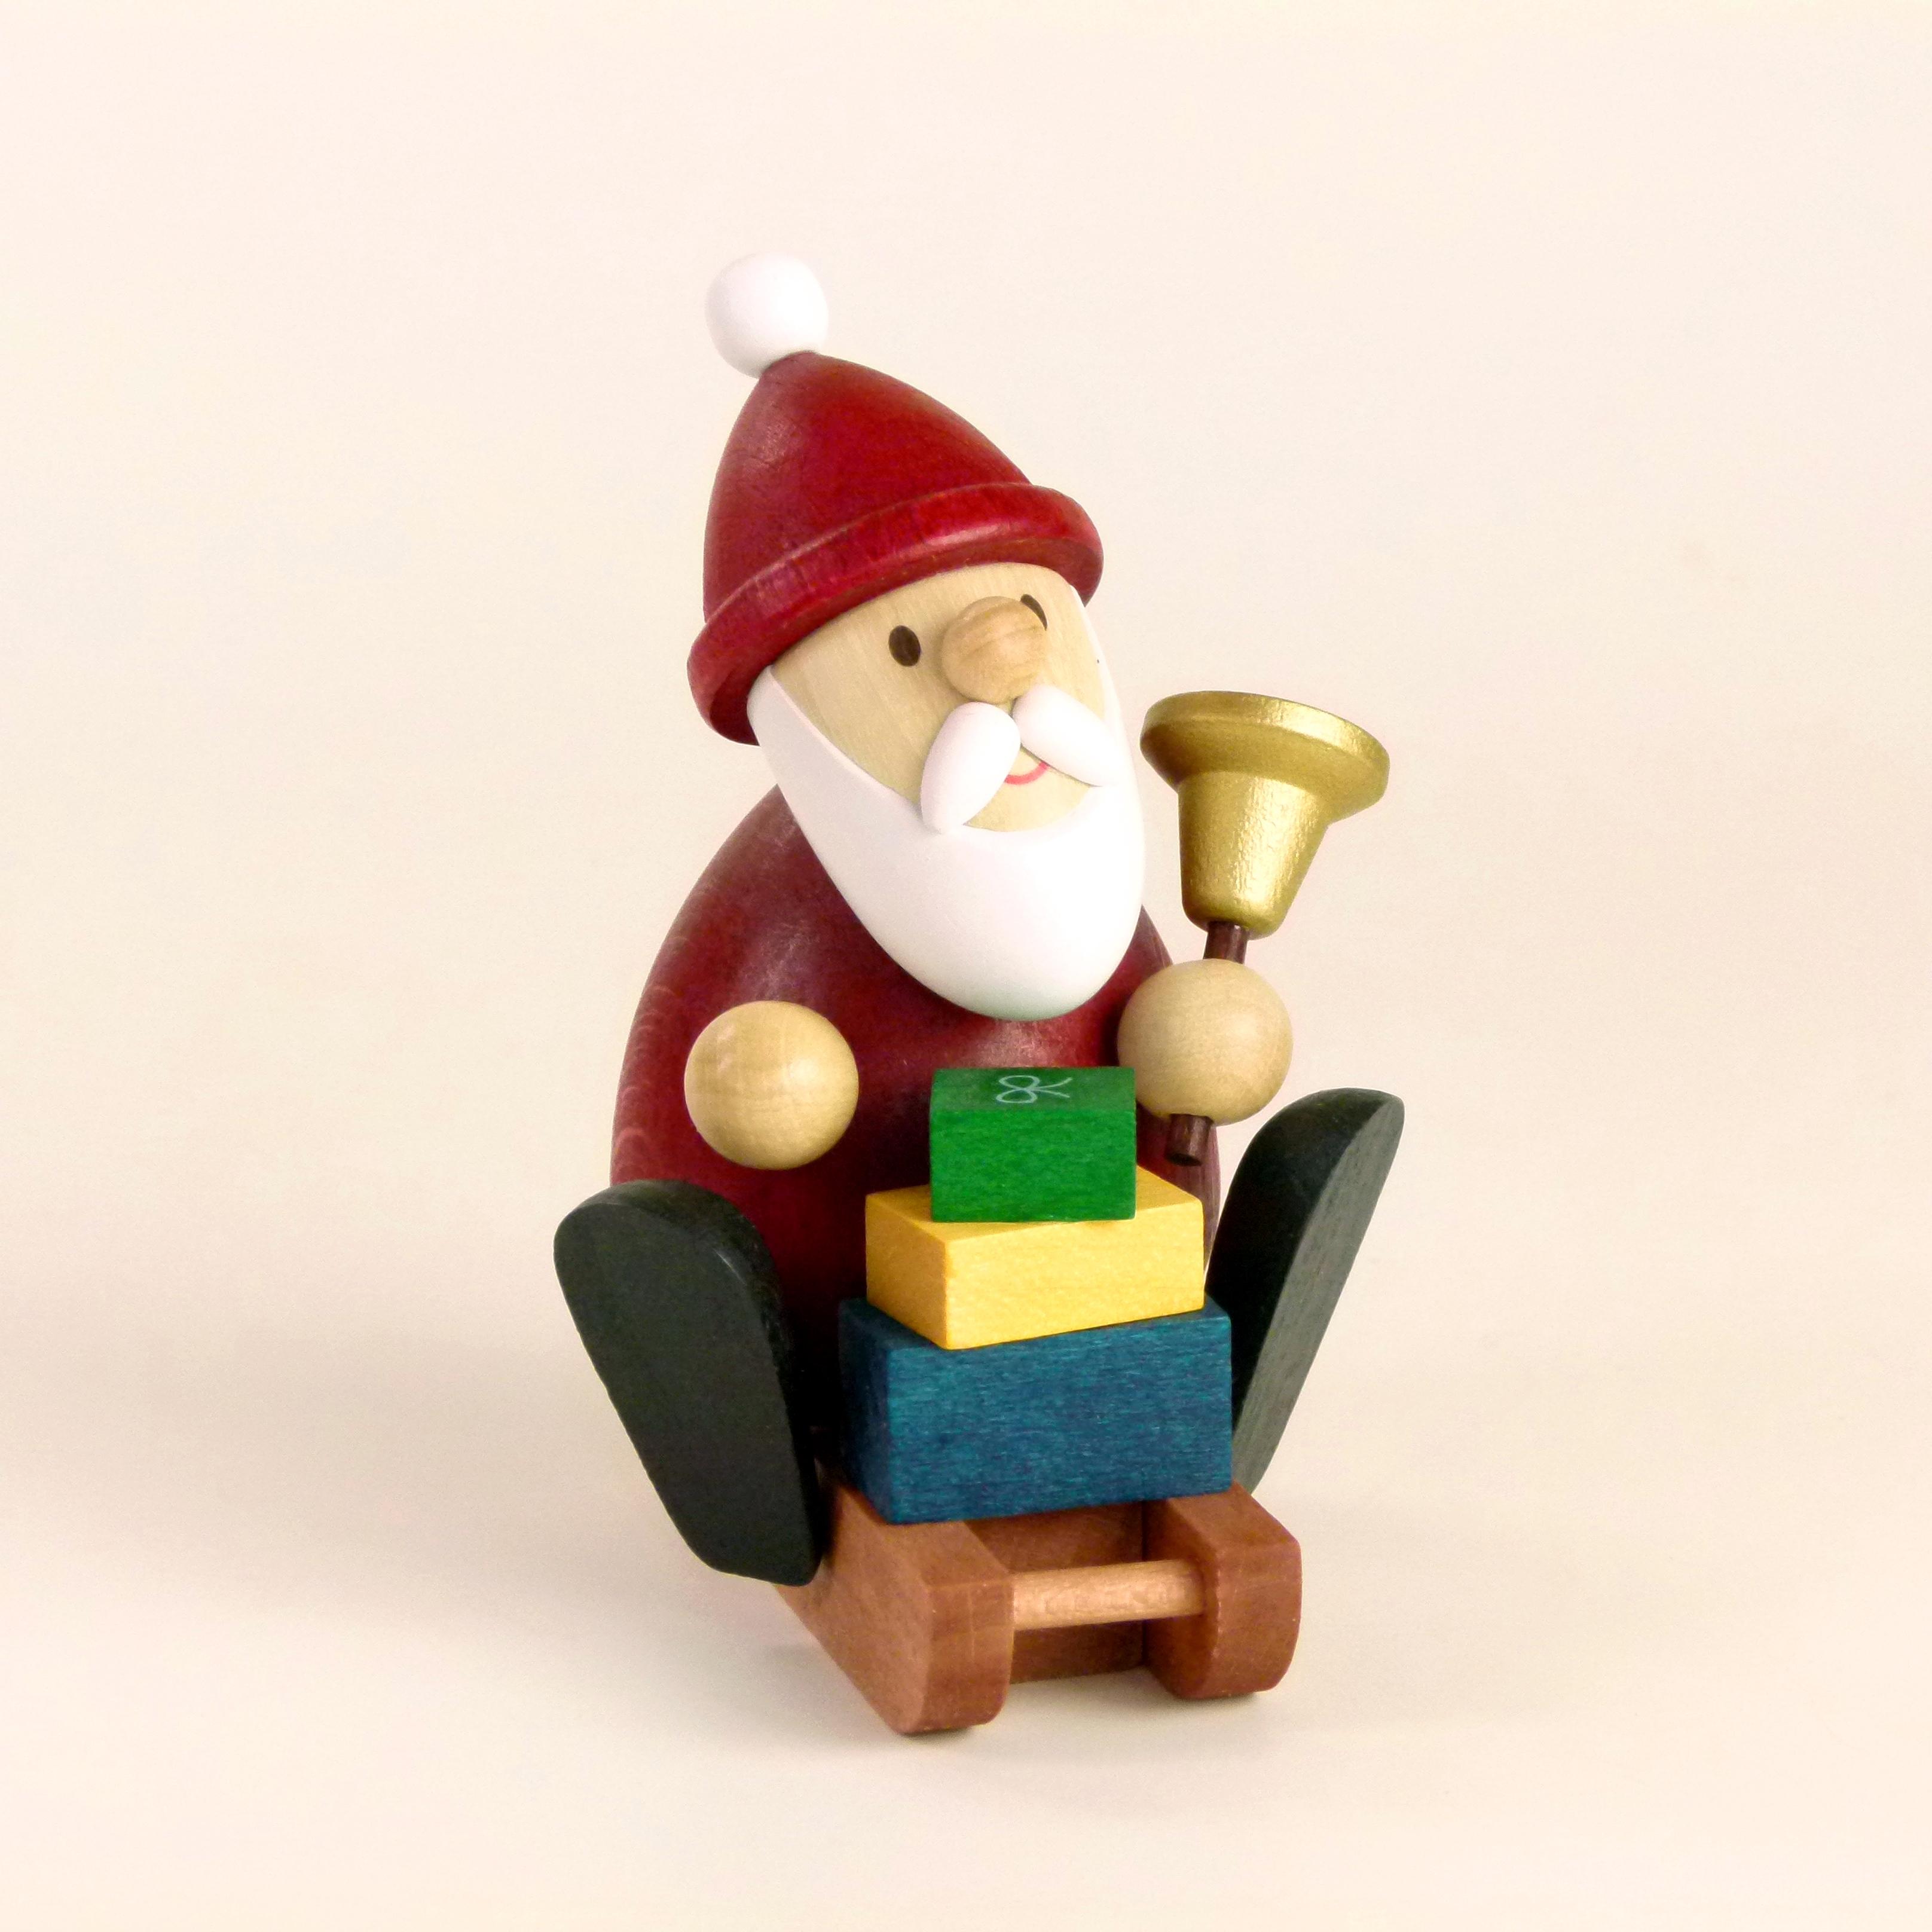 Weihnachtsdeko: Weihnachtsmann modern auf Schlitten mit Glocke